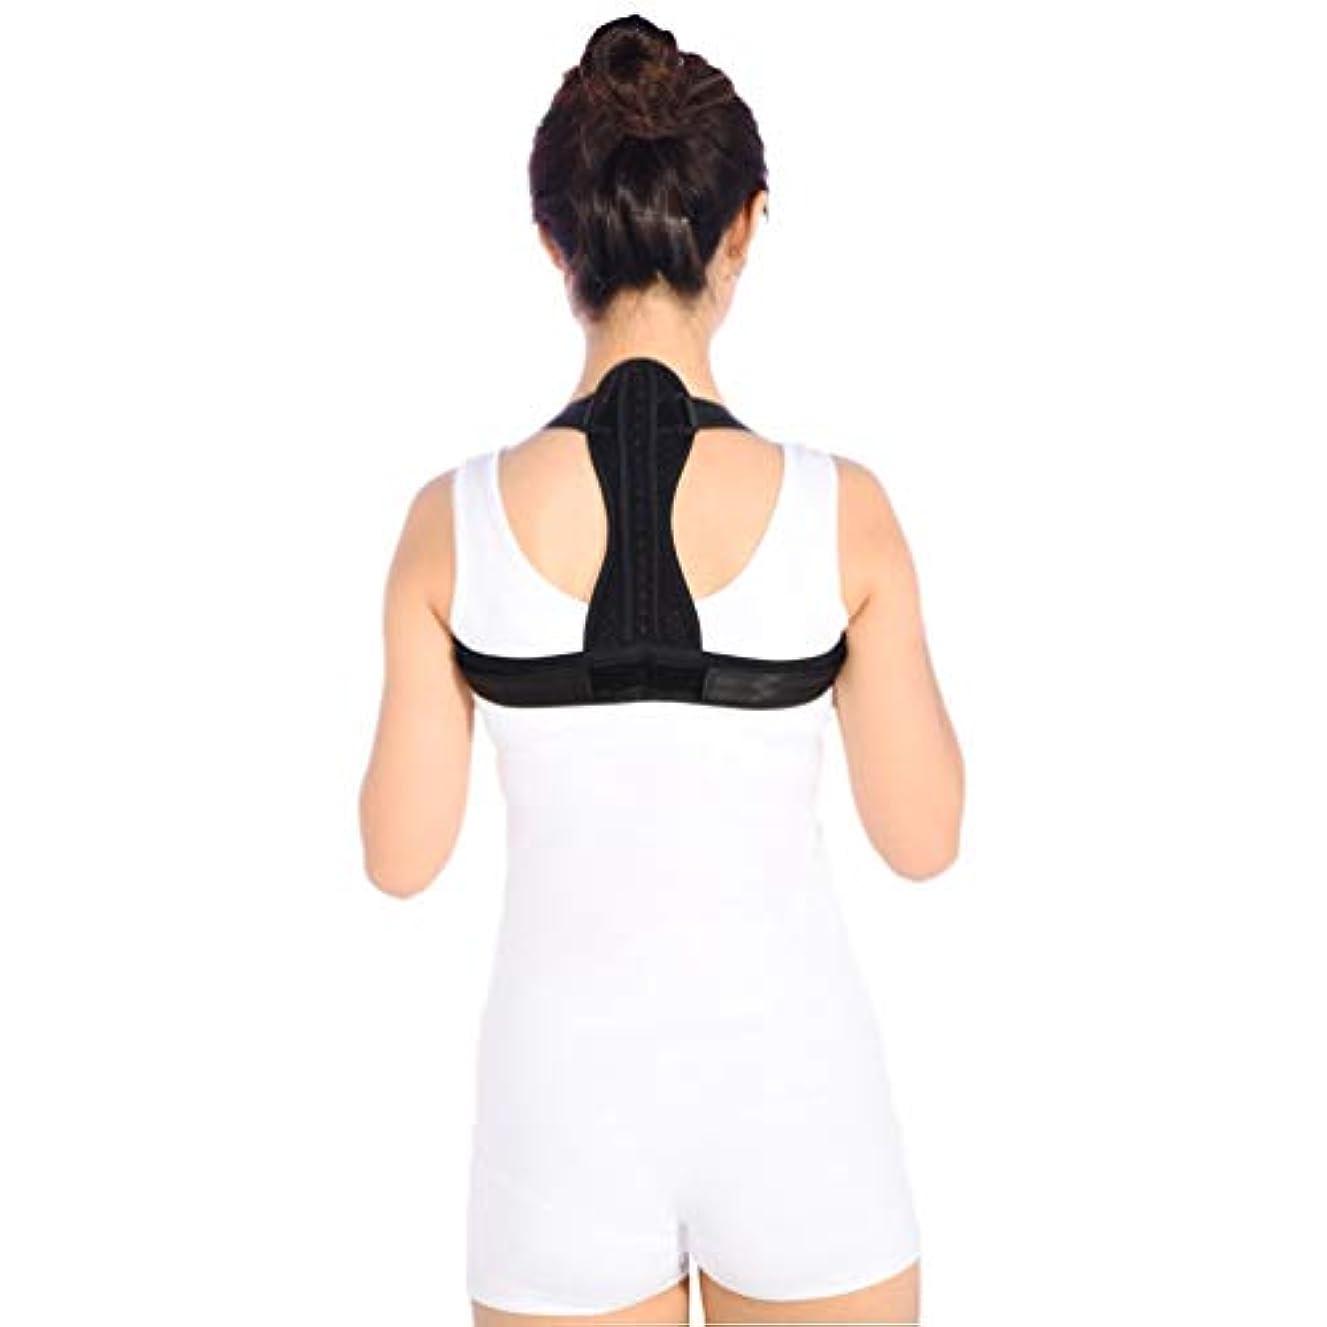 スポンジロール手紙を書く通気性の脊柱側弯症ザトウクジラ補正ベルト調節可能な快適さ目に見えないベルト男性女性大人学生子供 - 黒